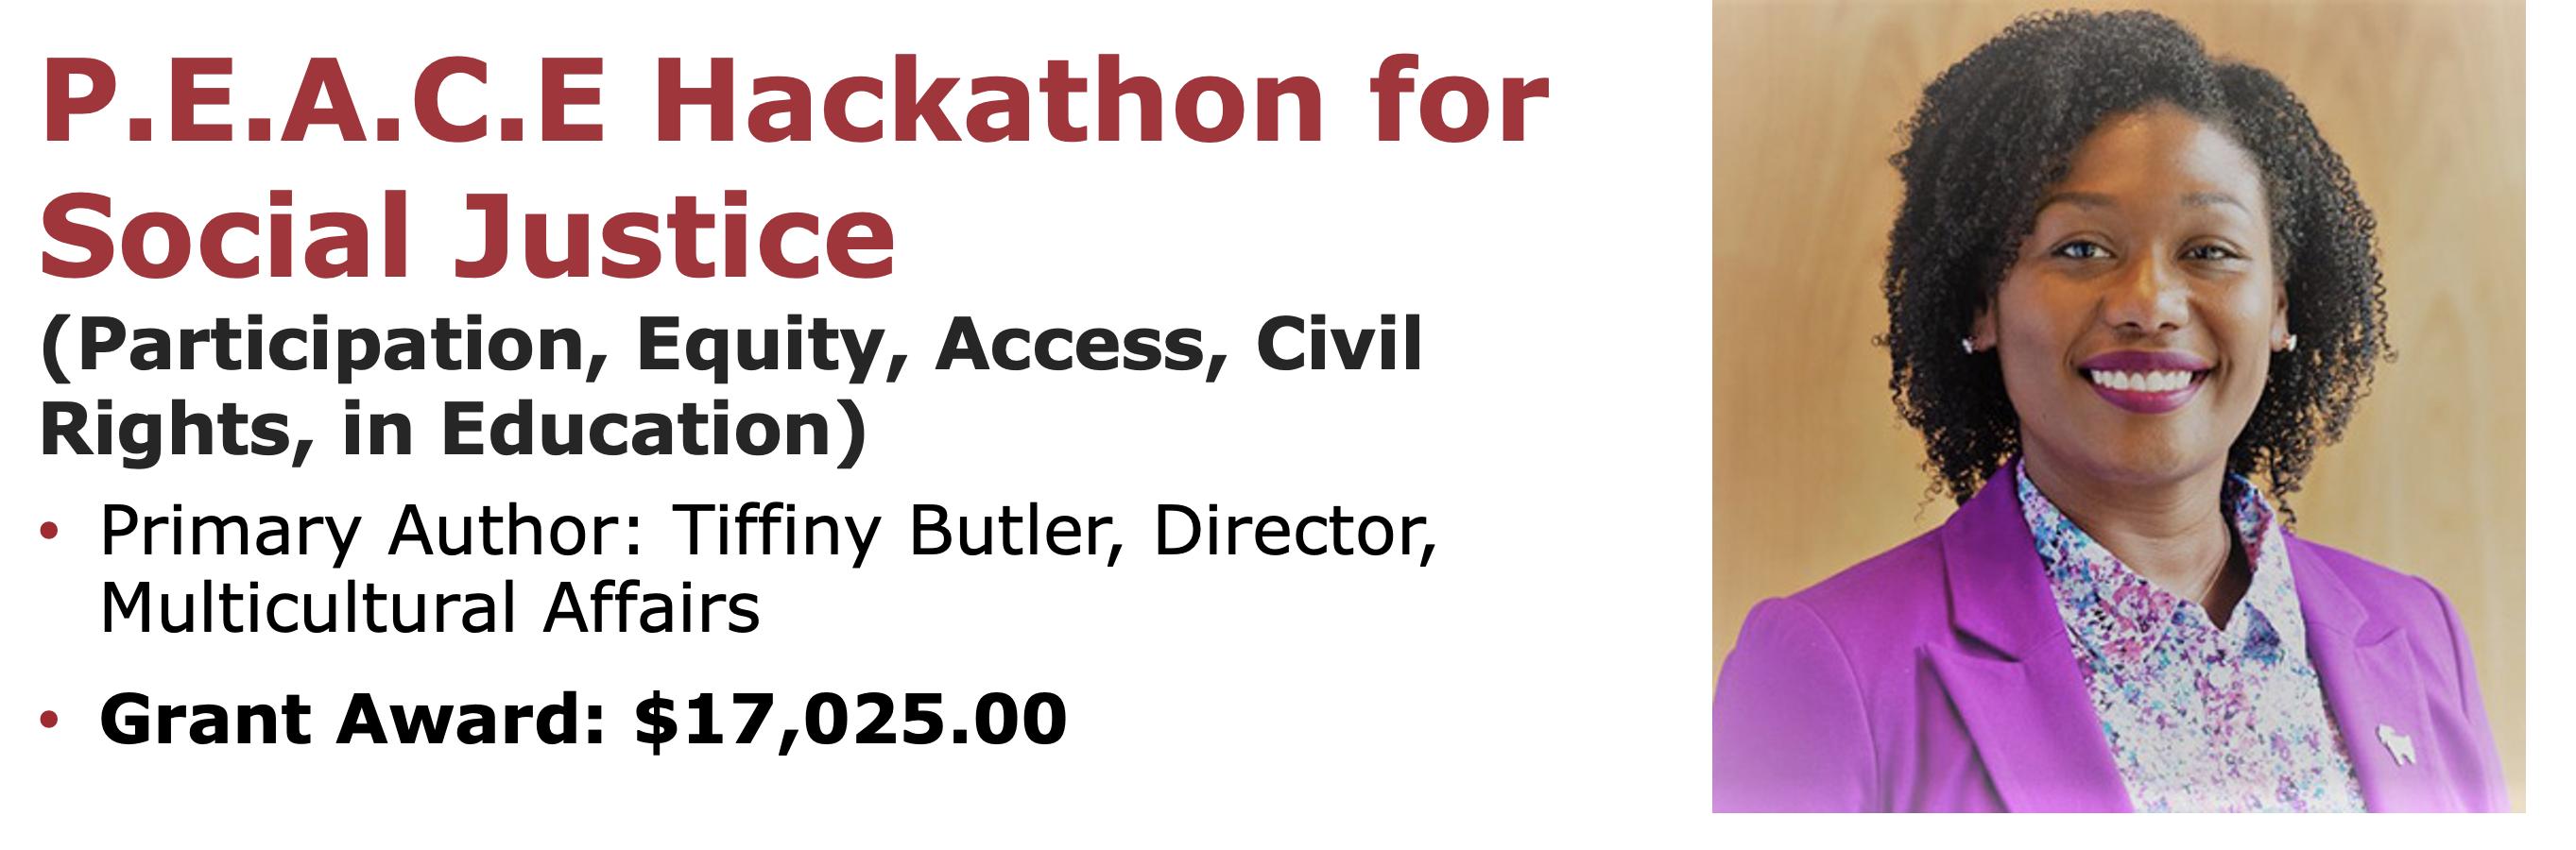 P.E.A.C.E Hackathon for Social Justice